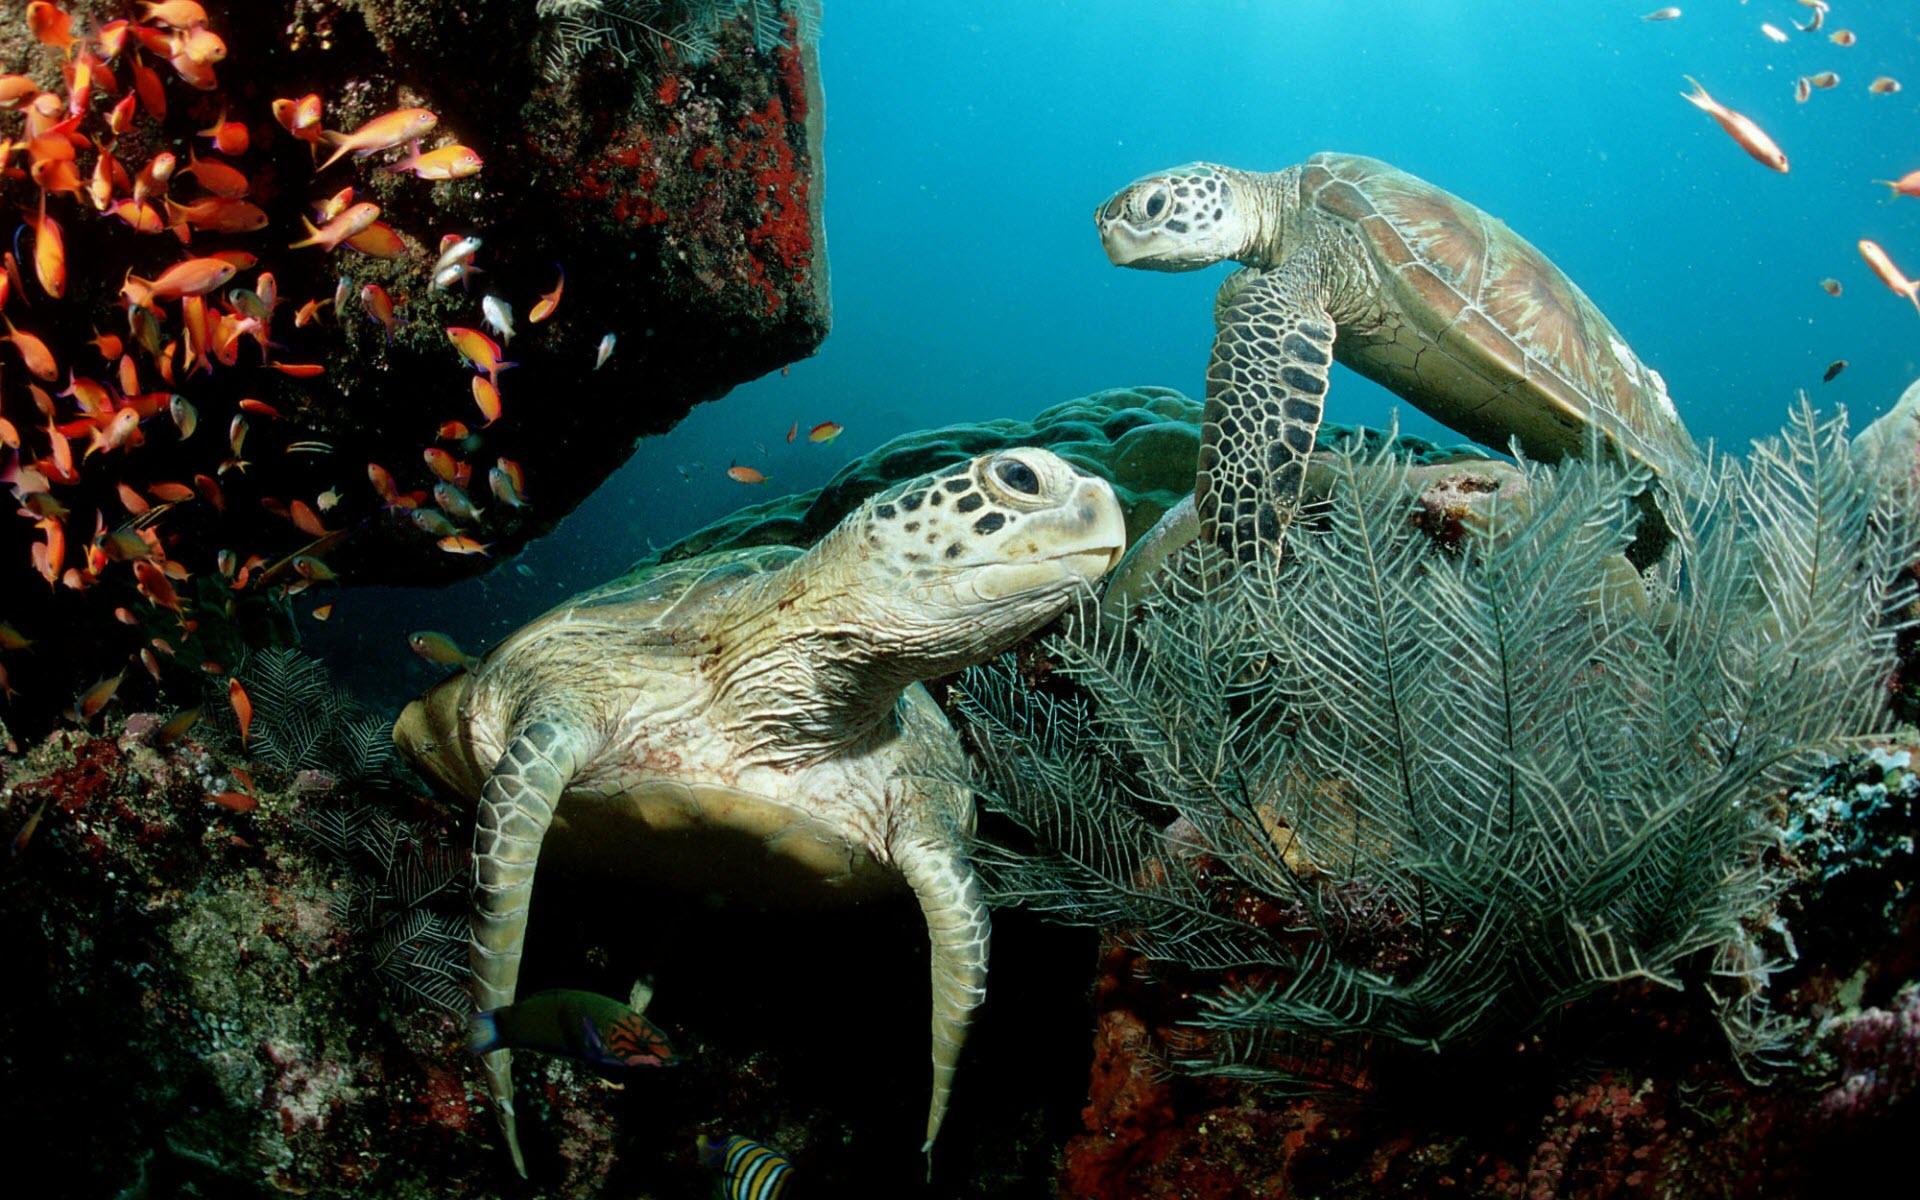 Ảnh rùa và biển xanh đẹp